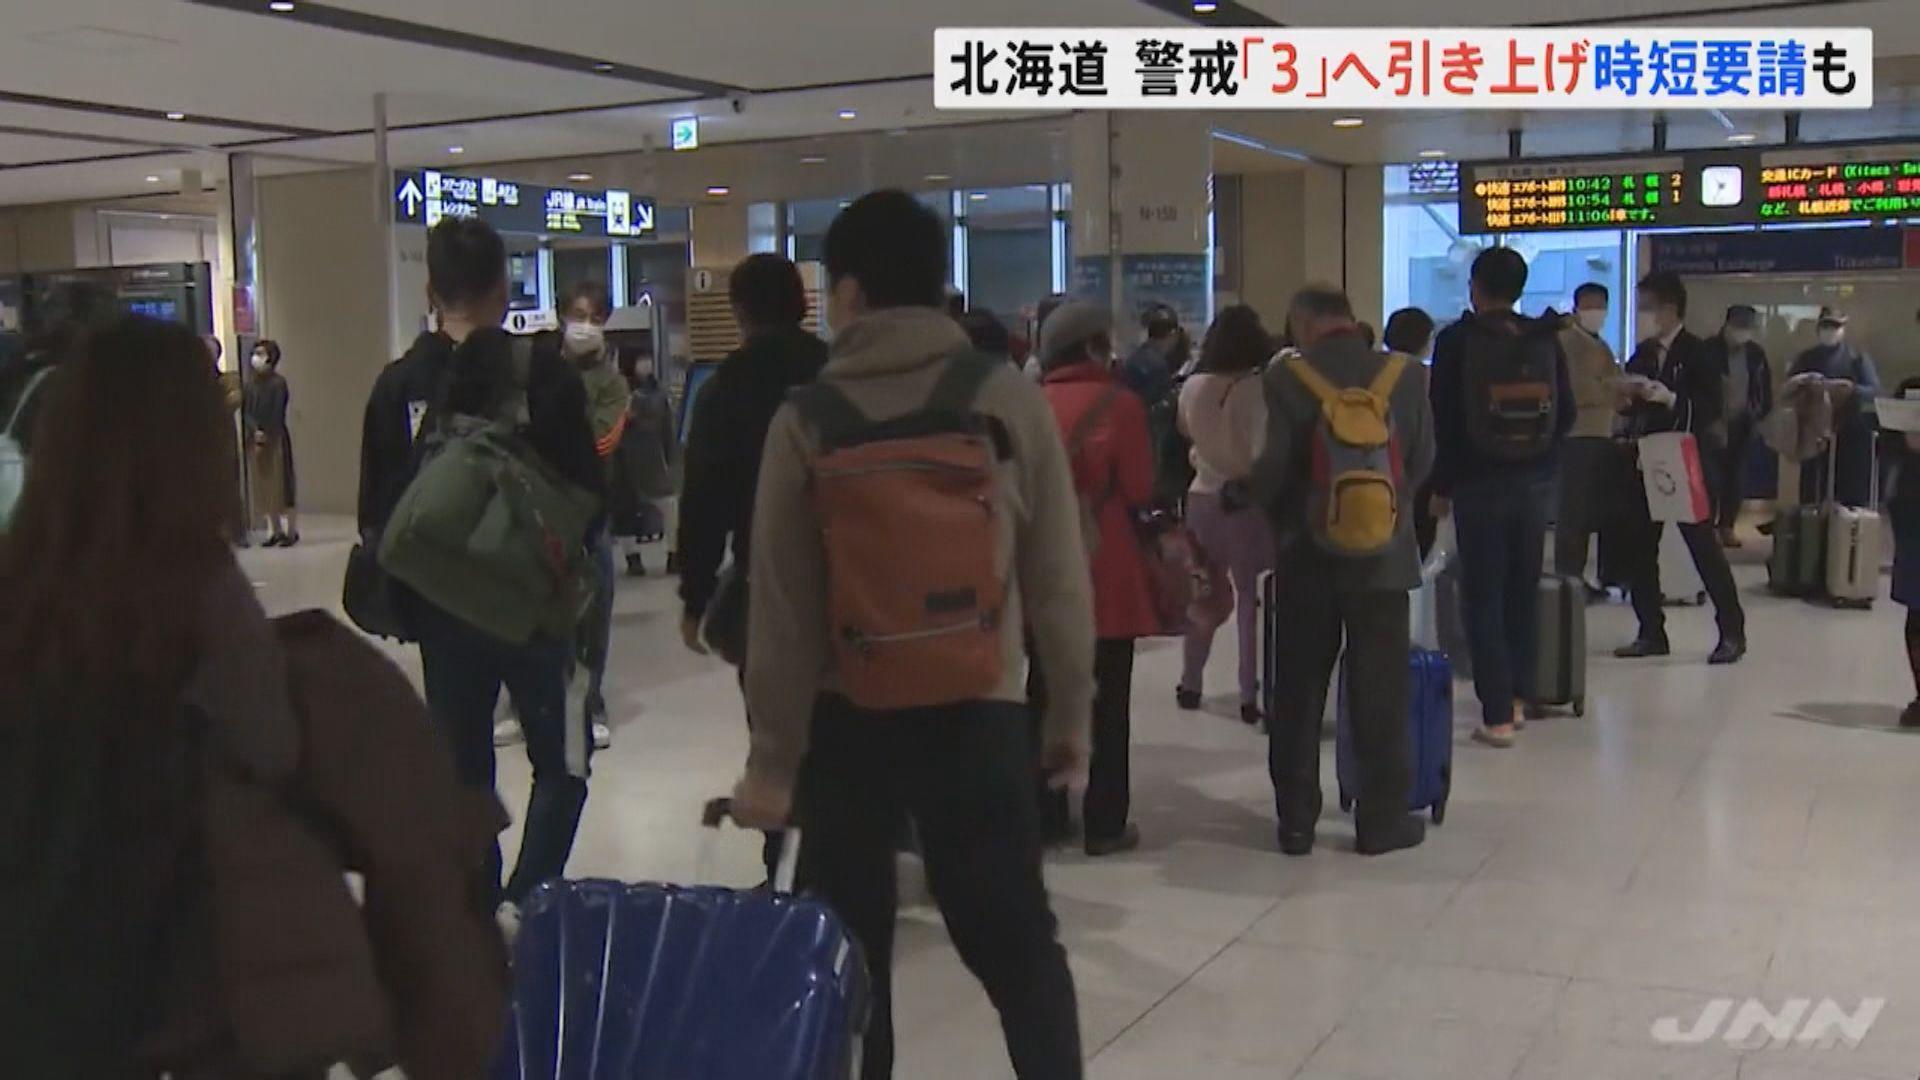 日本單日增逾5千確診 將禁止所有非居民外籍人士入境